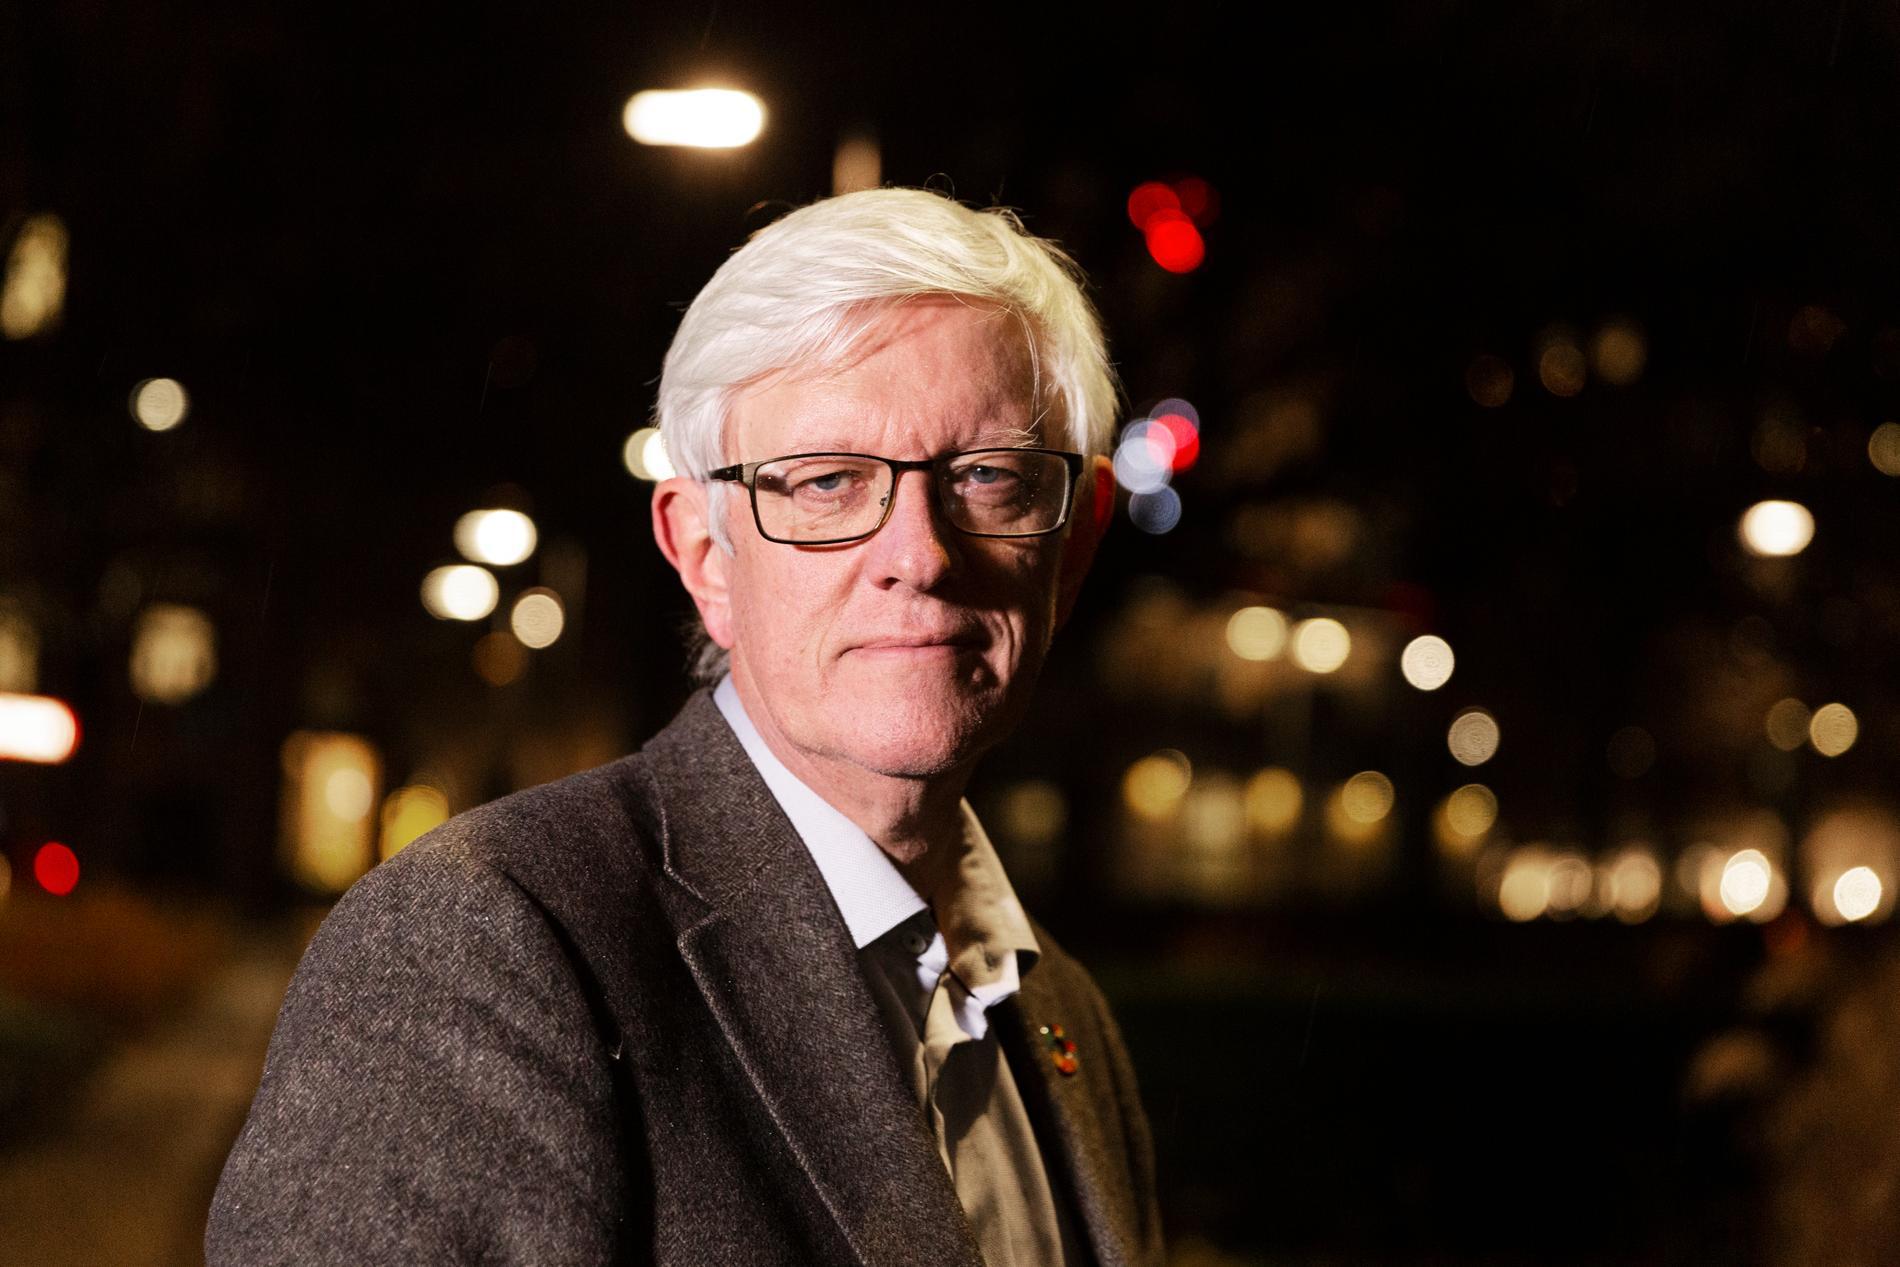 Johan Carlson, generaldirektör för Folkhälsomyndigheten, pendlar till jobbet från Uppsala. Arkivbild.